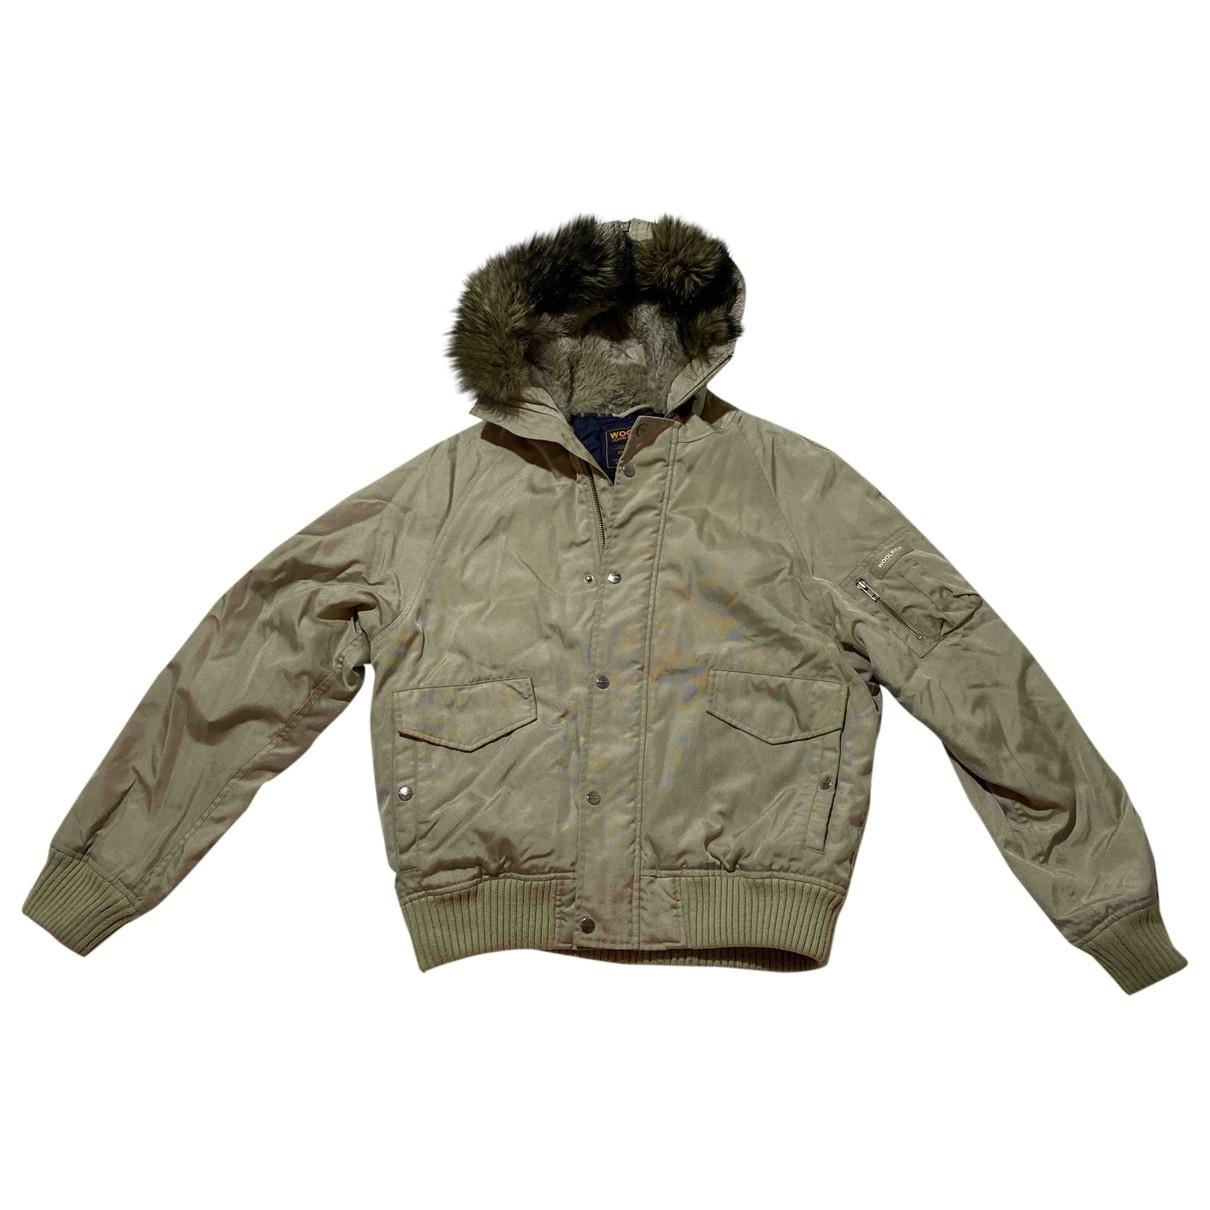 Woolrich - Manteau   pour homme - beige